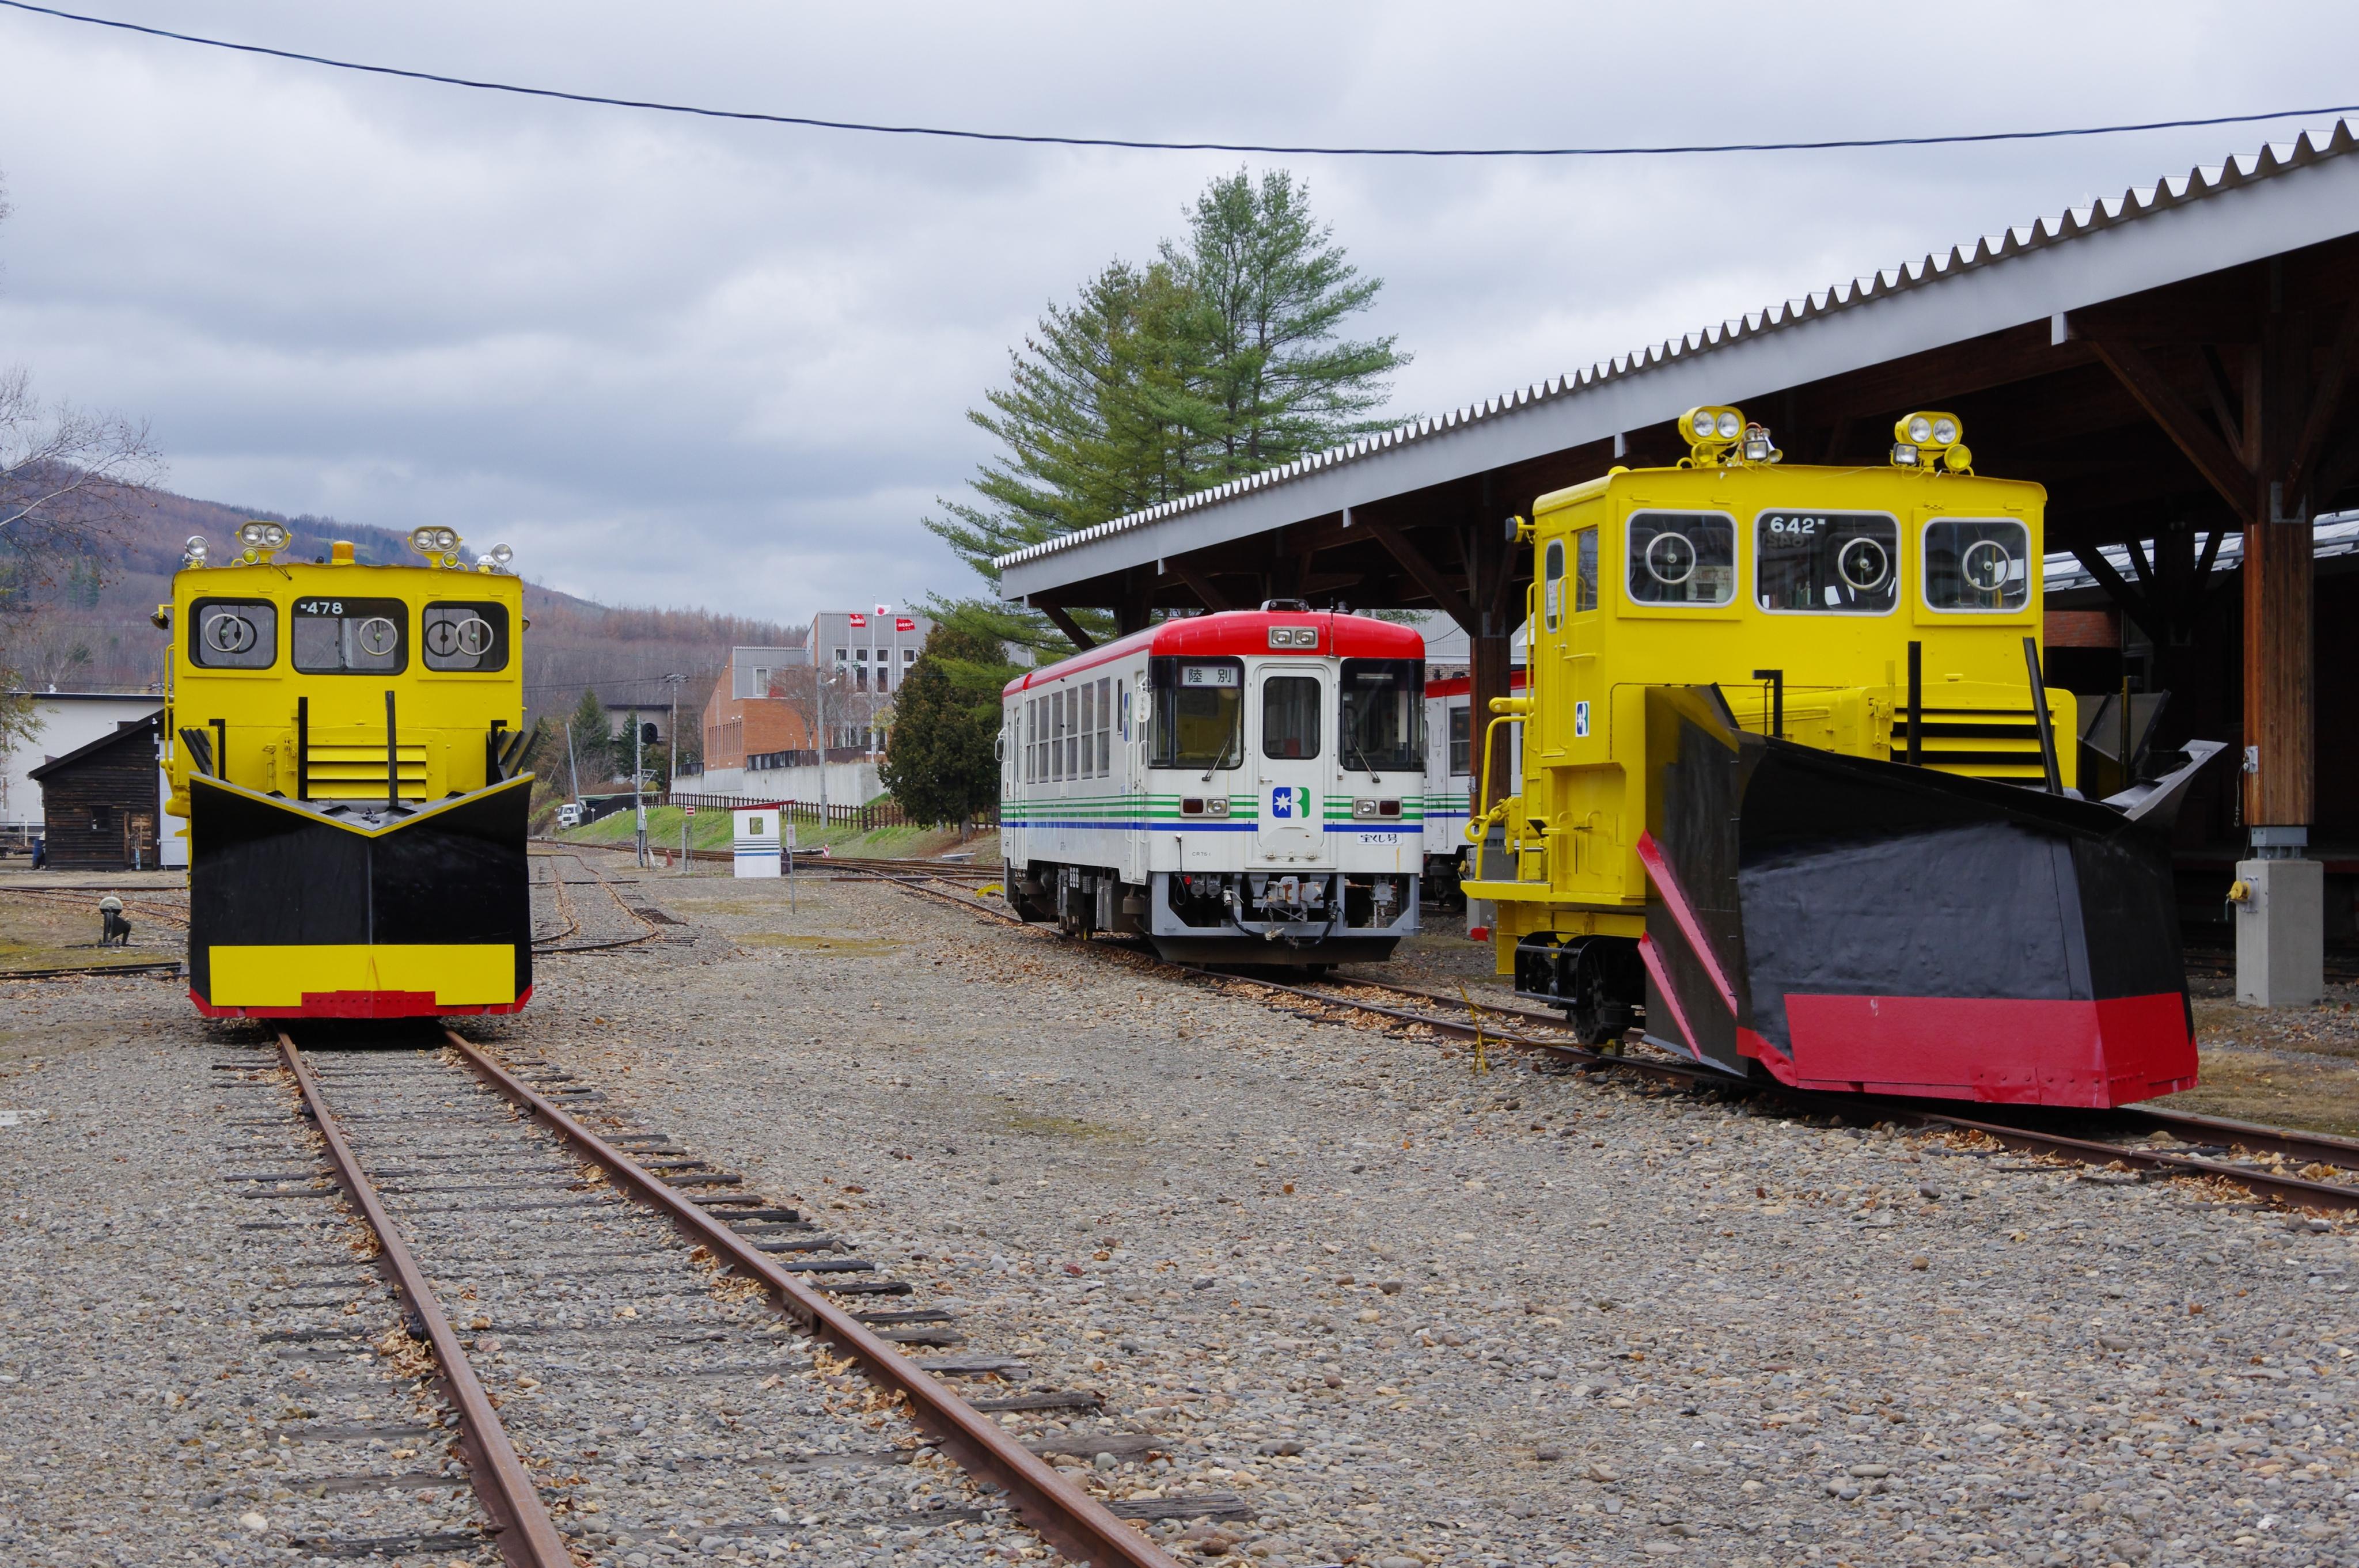 ふるさと銀河線りくべつ鉄道 排雪モーターカー&CR75-1.jpg